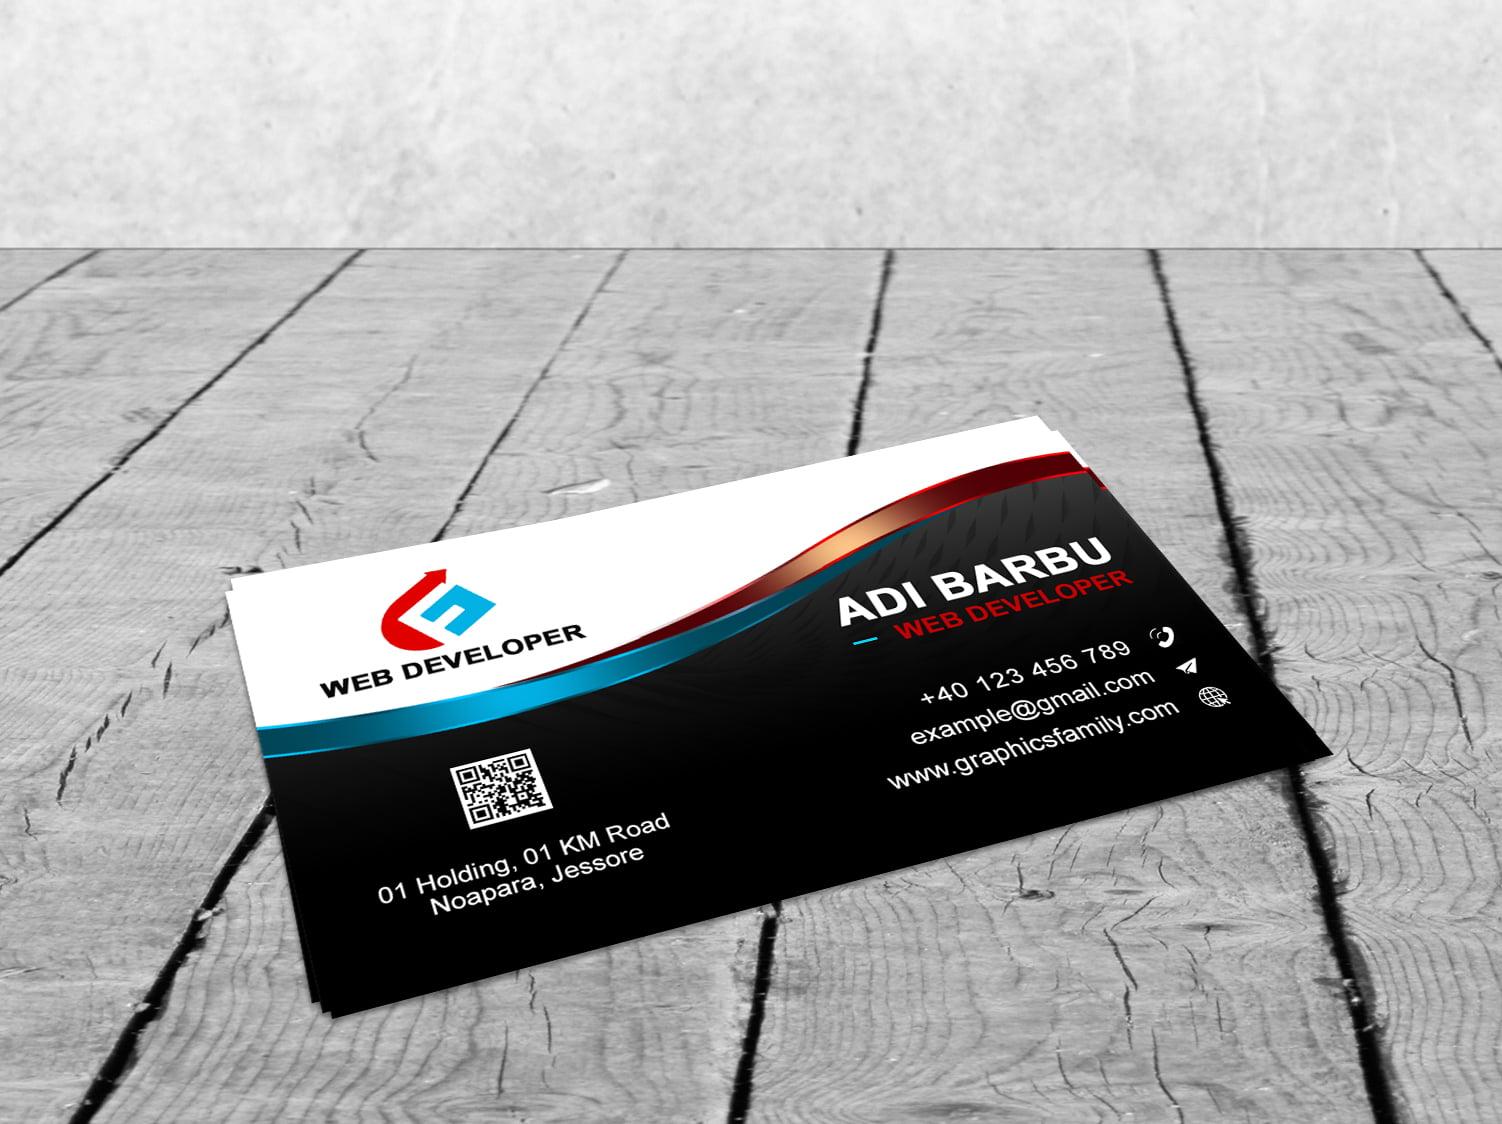 Web Developer Business Card Design Download